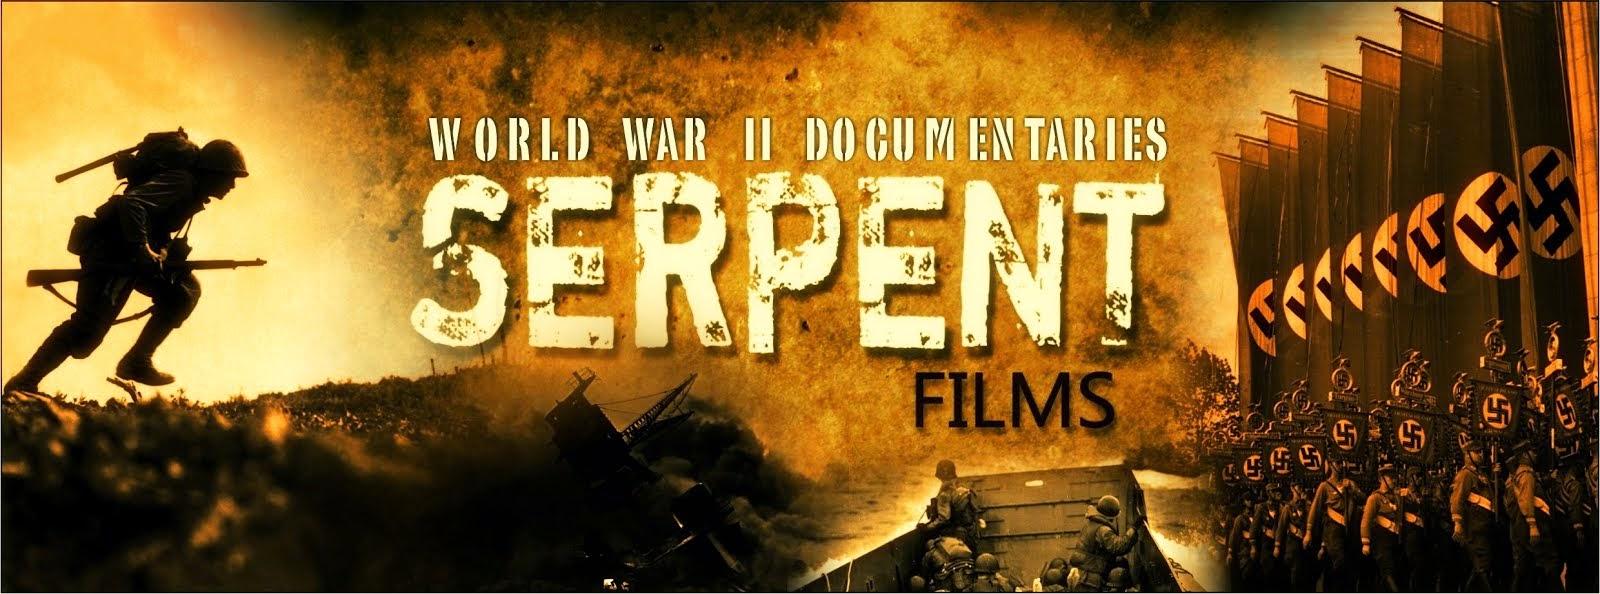 Serpent Films World War II Documentaries